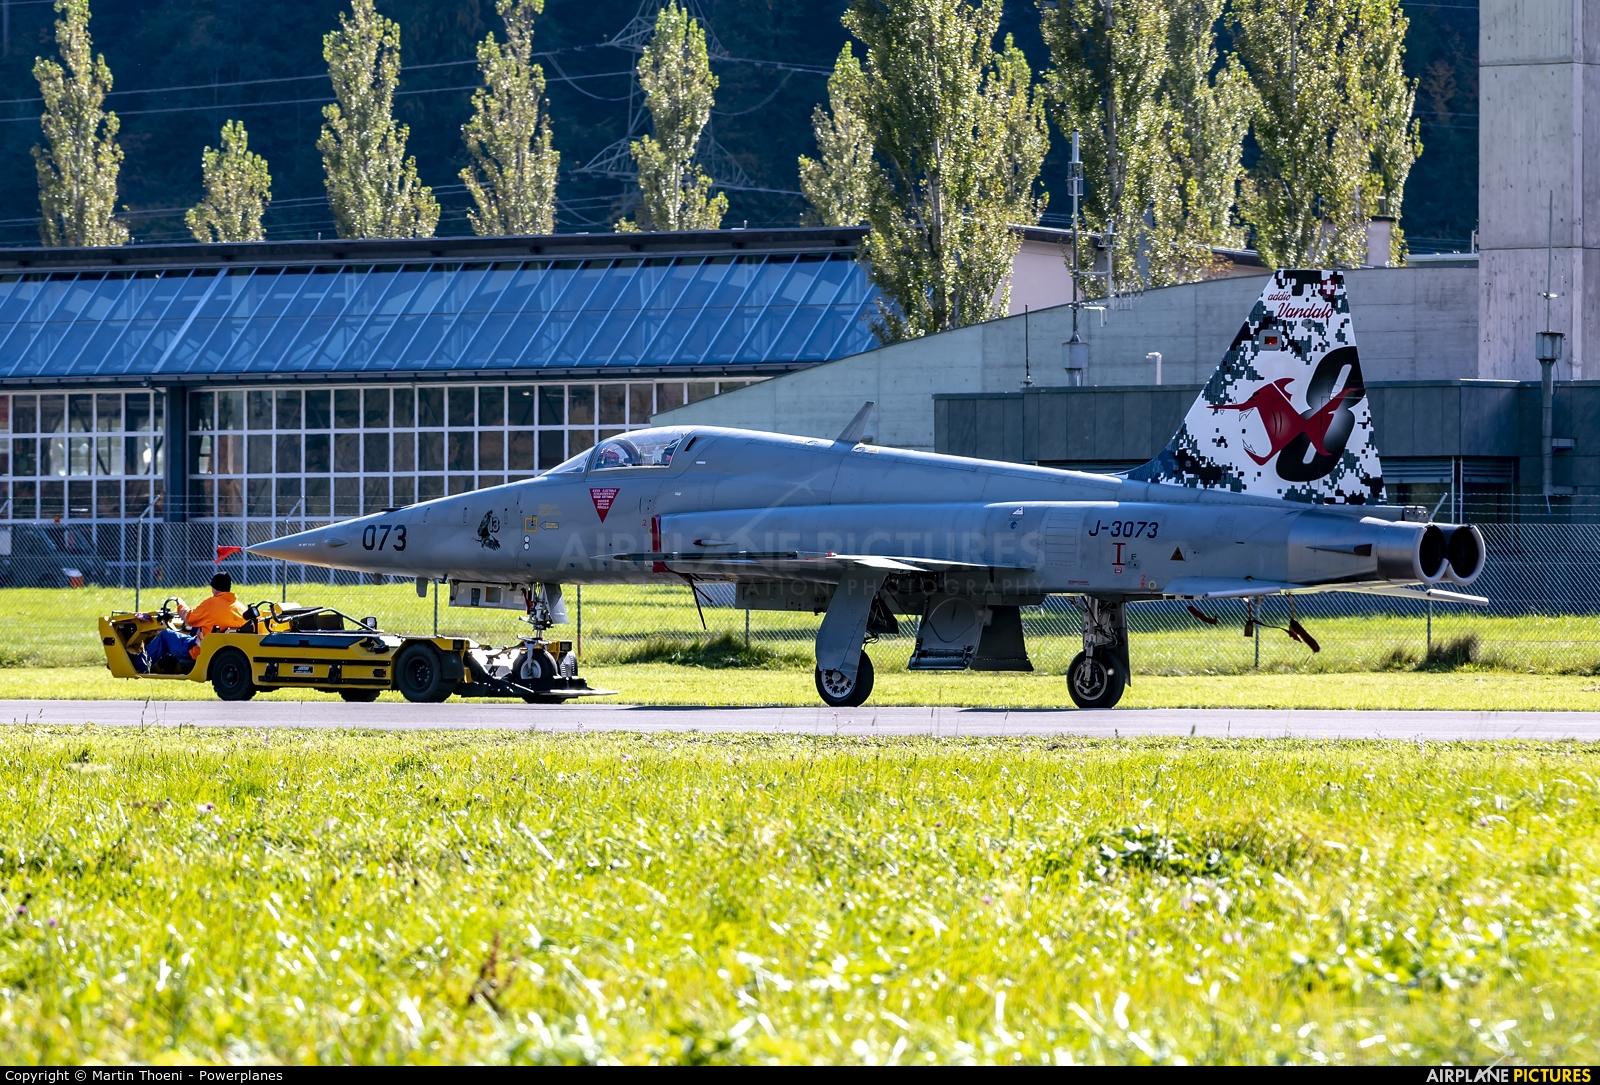 Switzerland - Air Force J-3073 aircraft at Meiringen